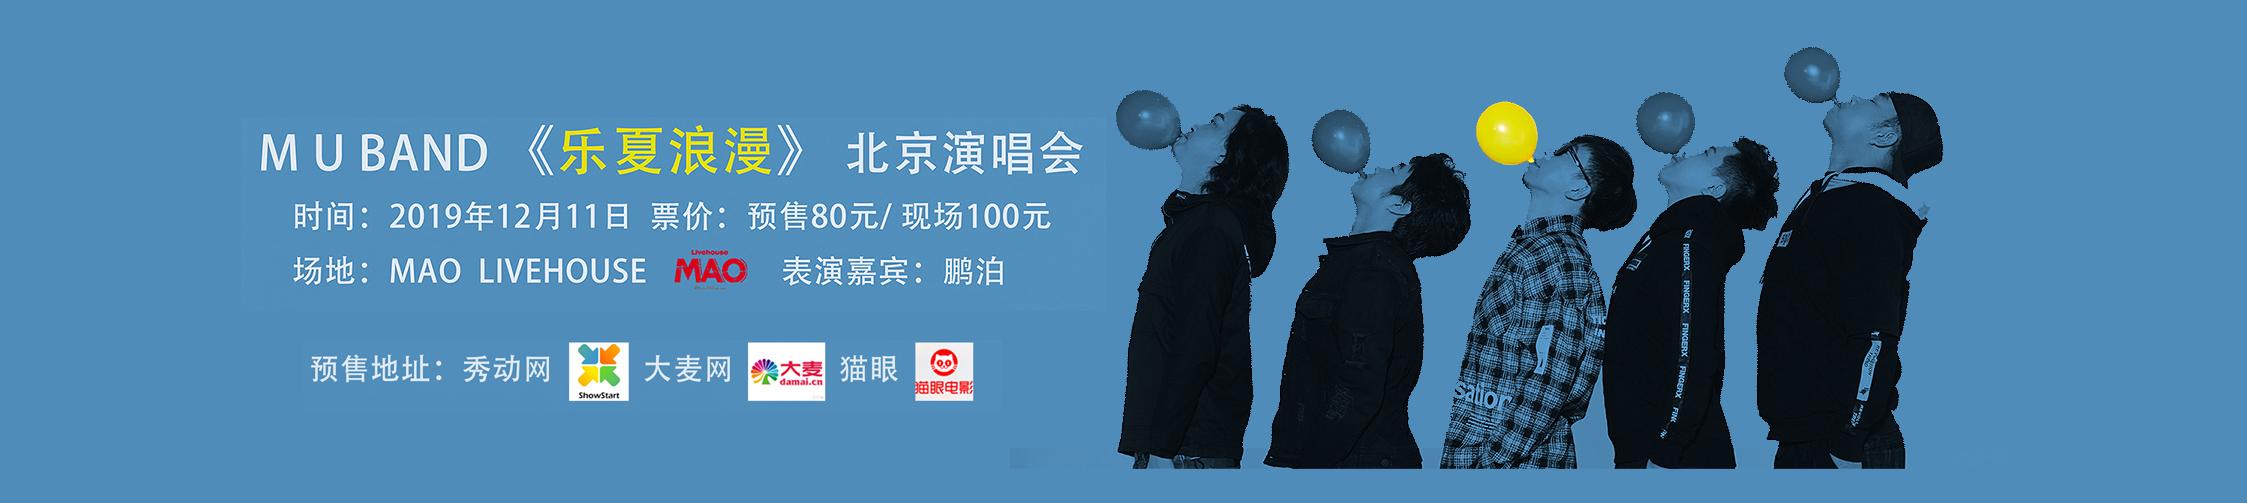 抢票丨MU Band《乐夏浪漫》北京演唱会免费抢票